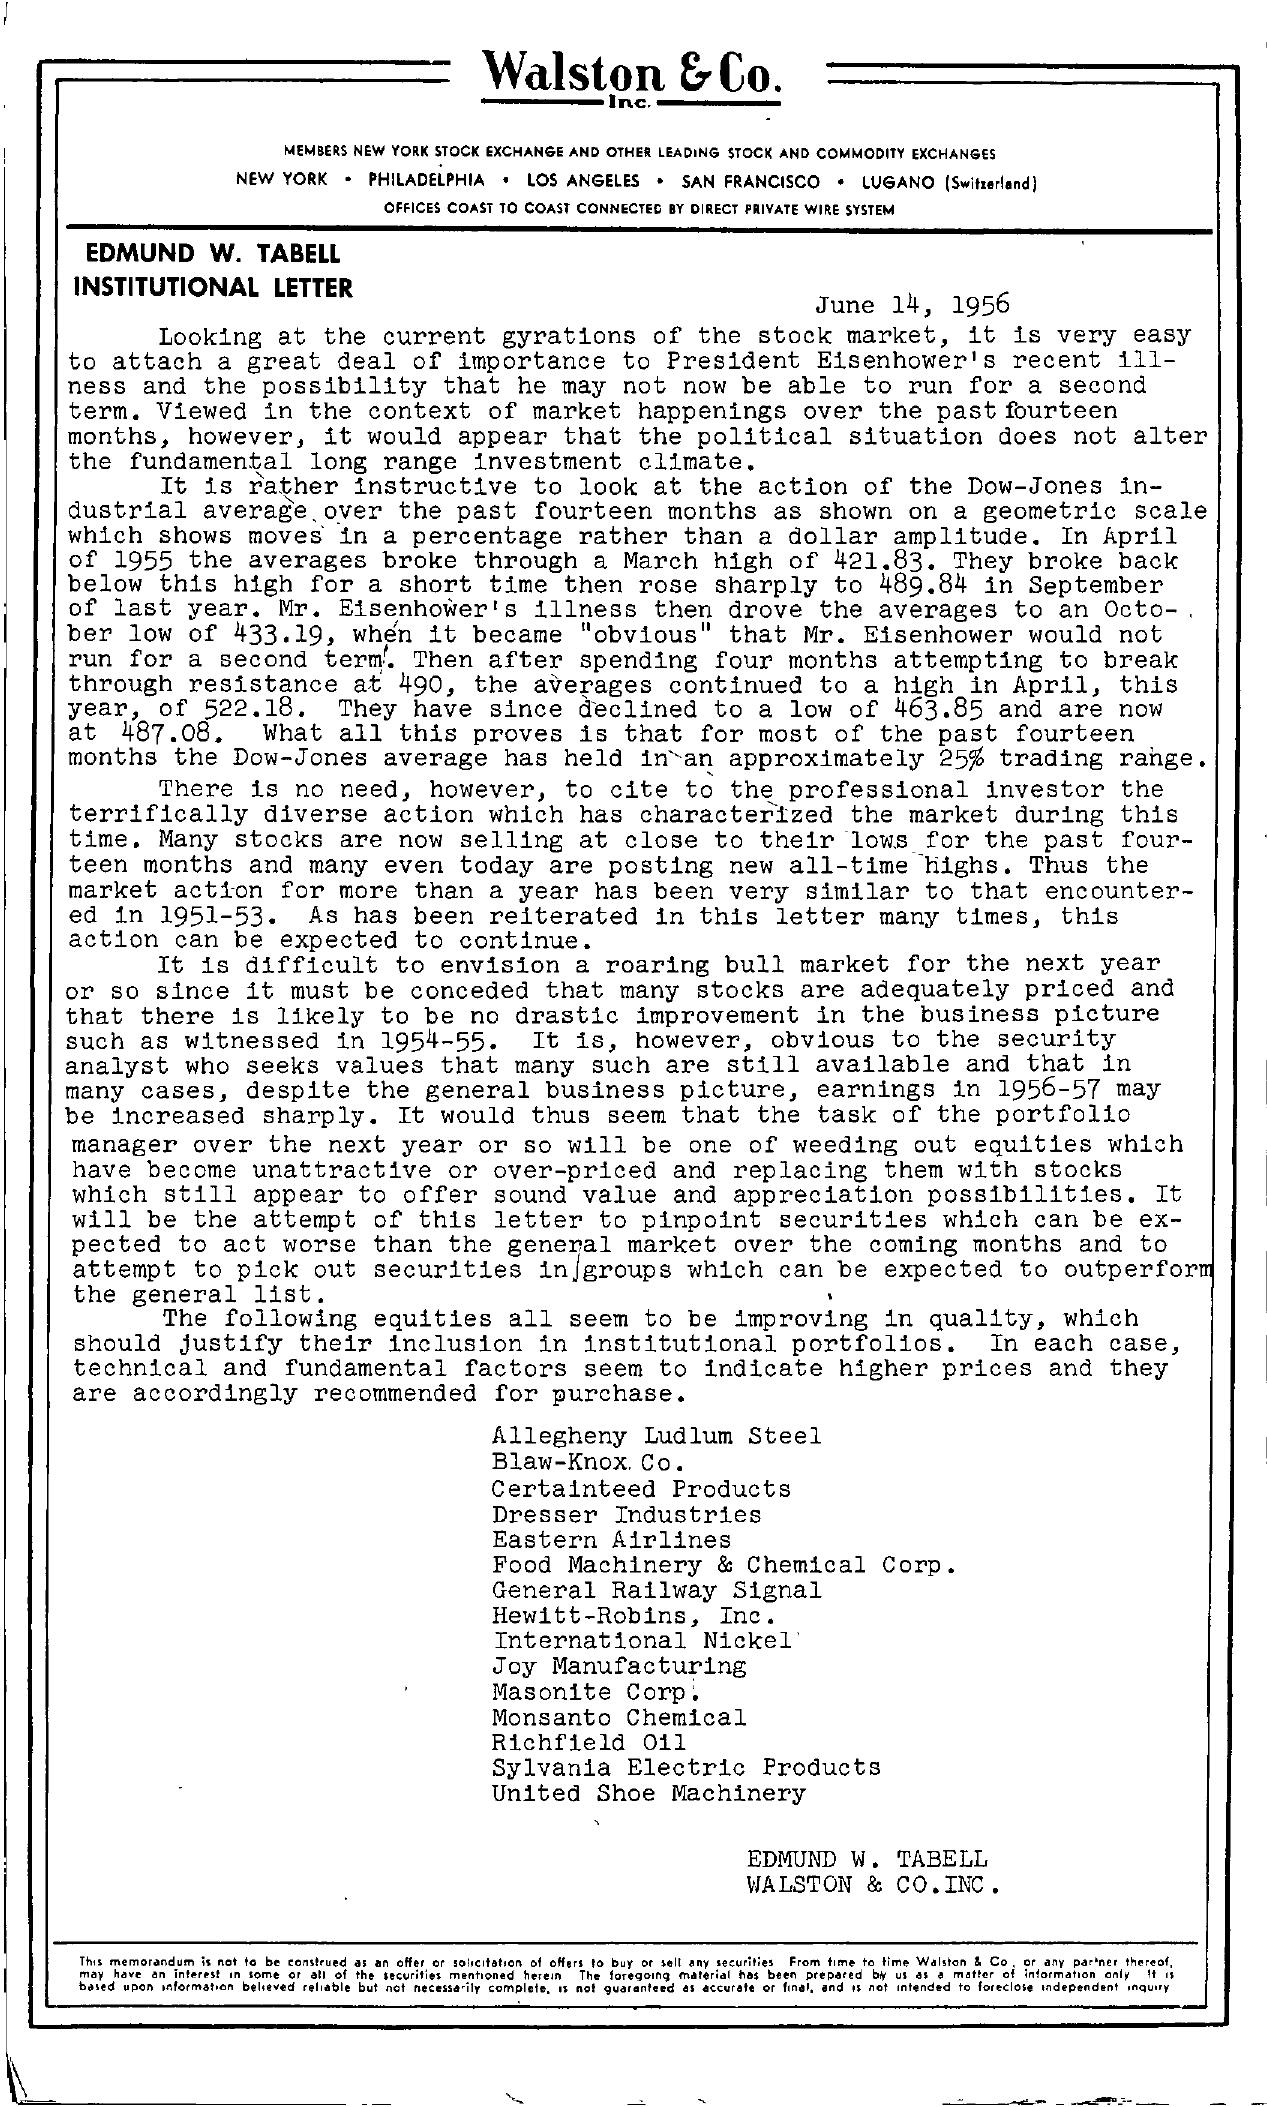 Tabell's Market Letter - June 14, 1956